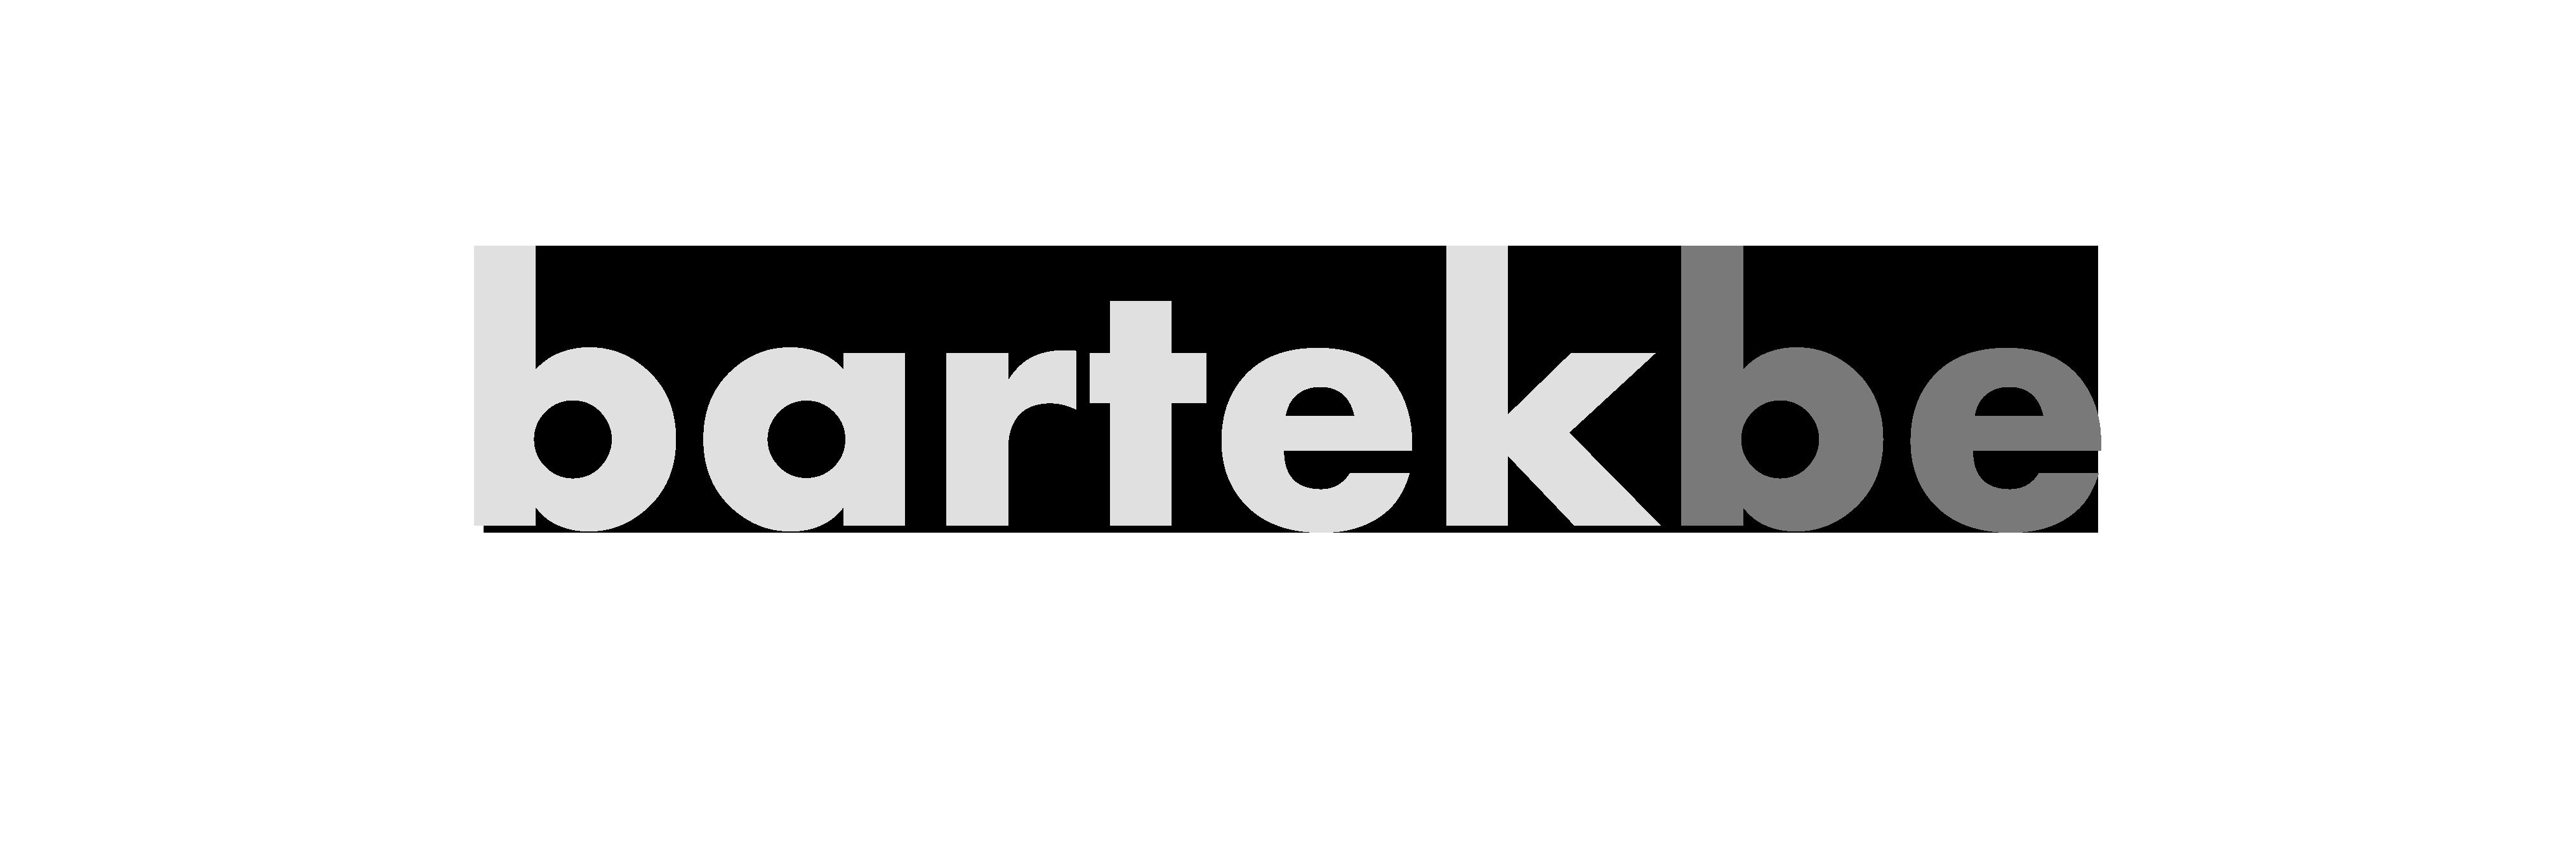 Bartek Bielinski